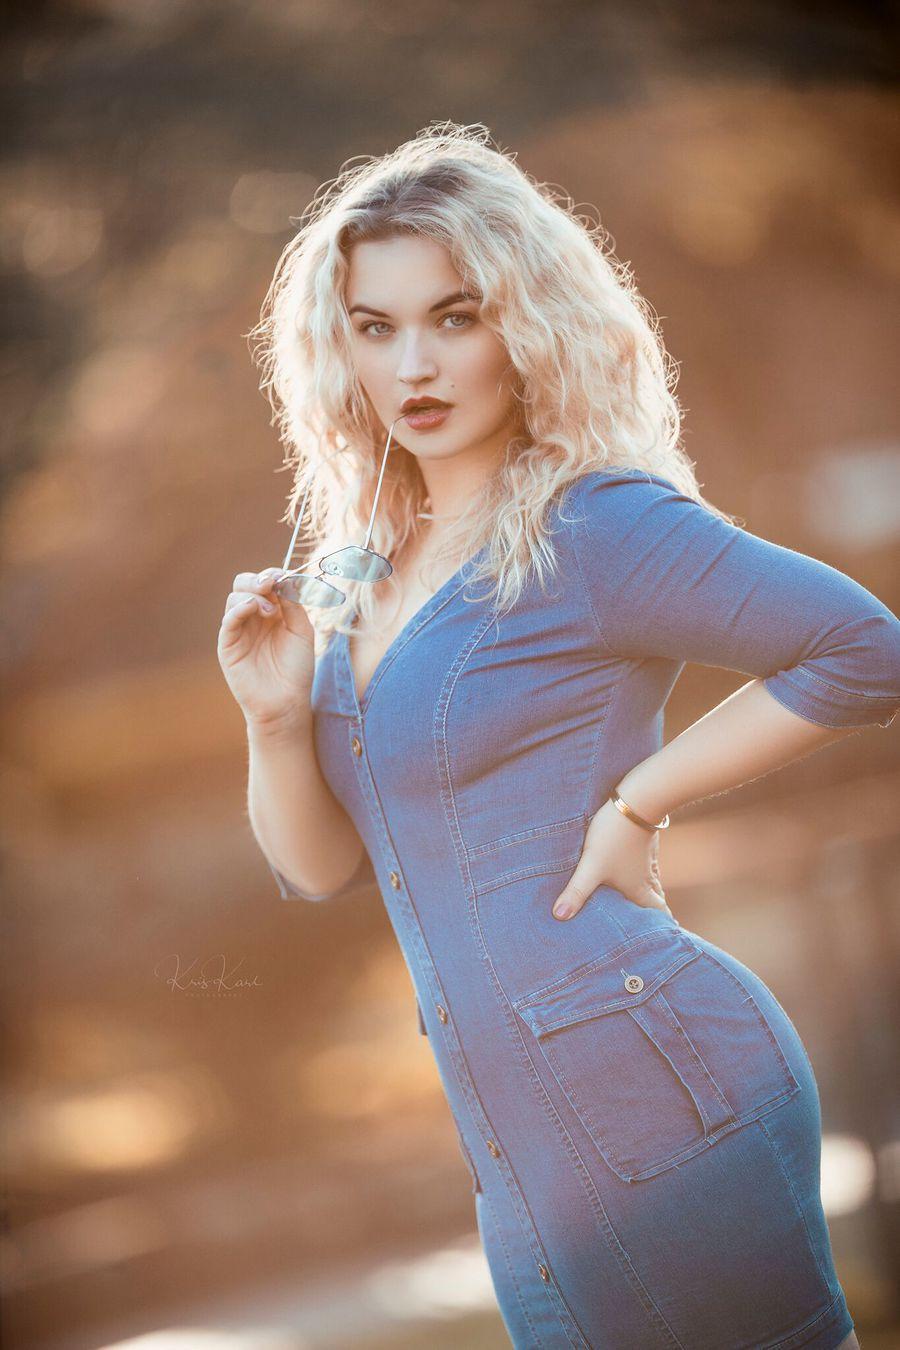 Denim Blues / Model Jessica Megan / Uploaded 23rd February 2018 @ 08:42 AM